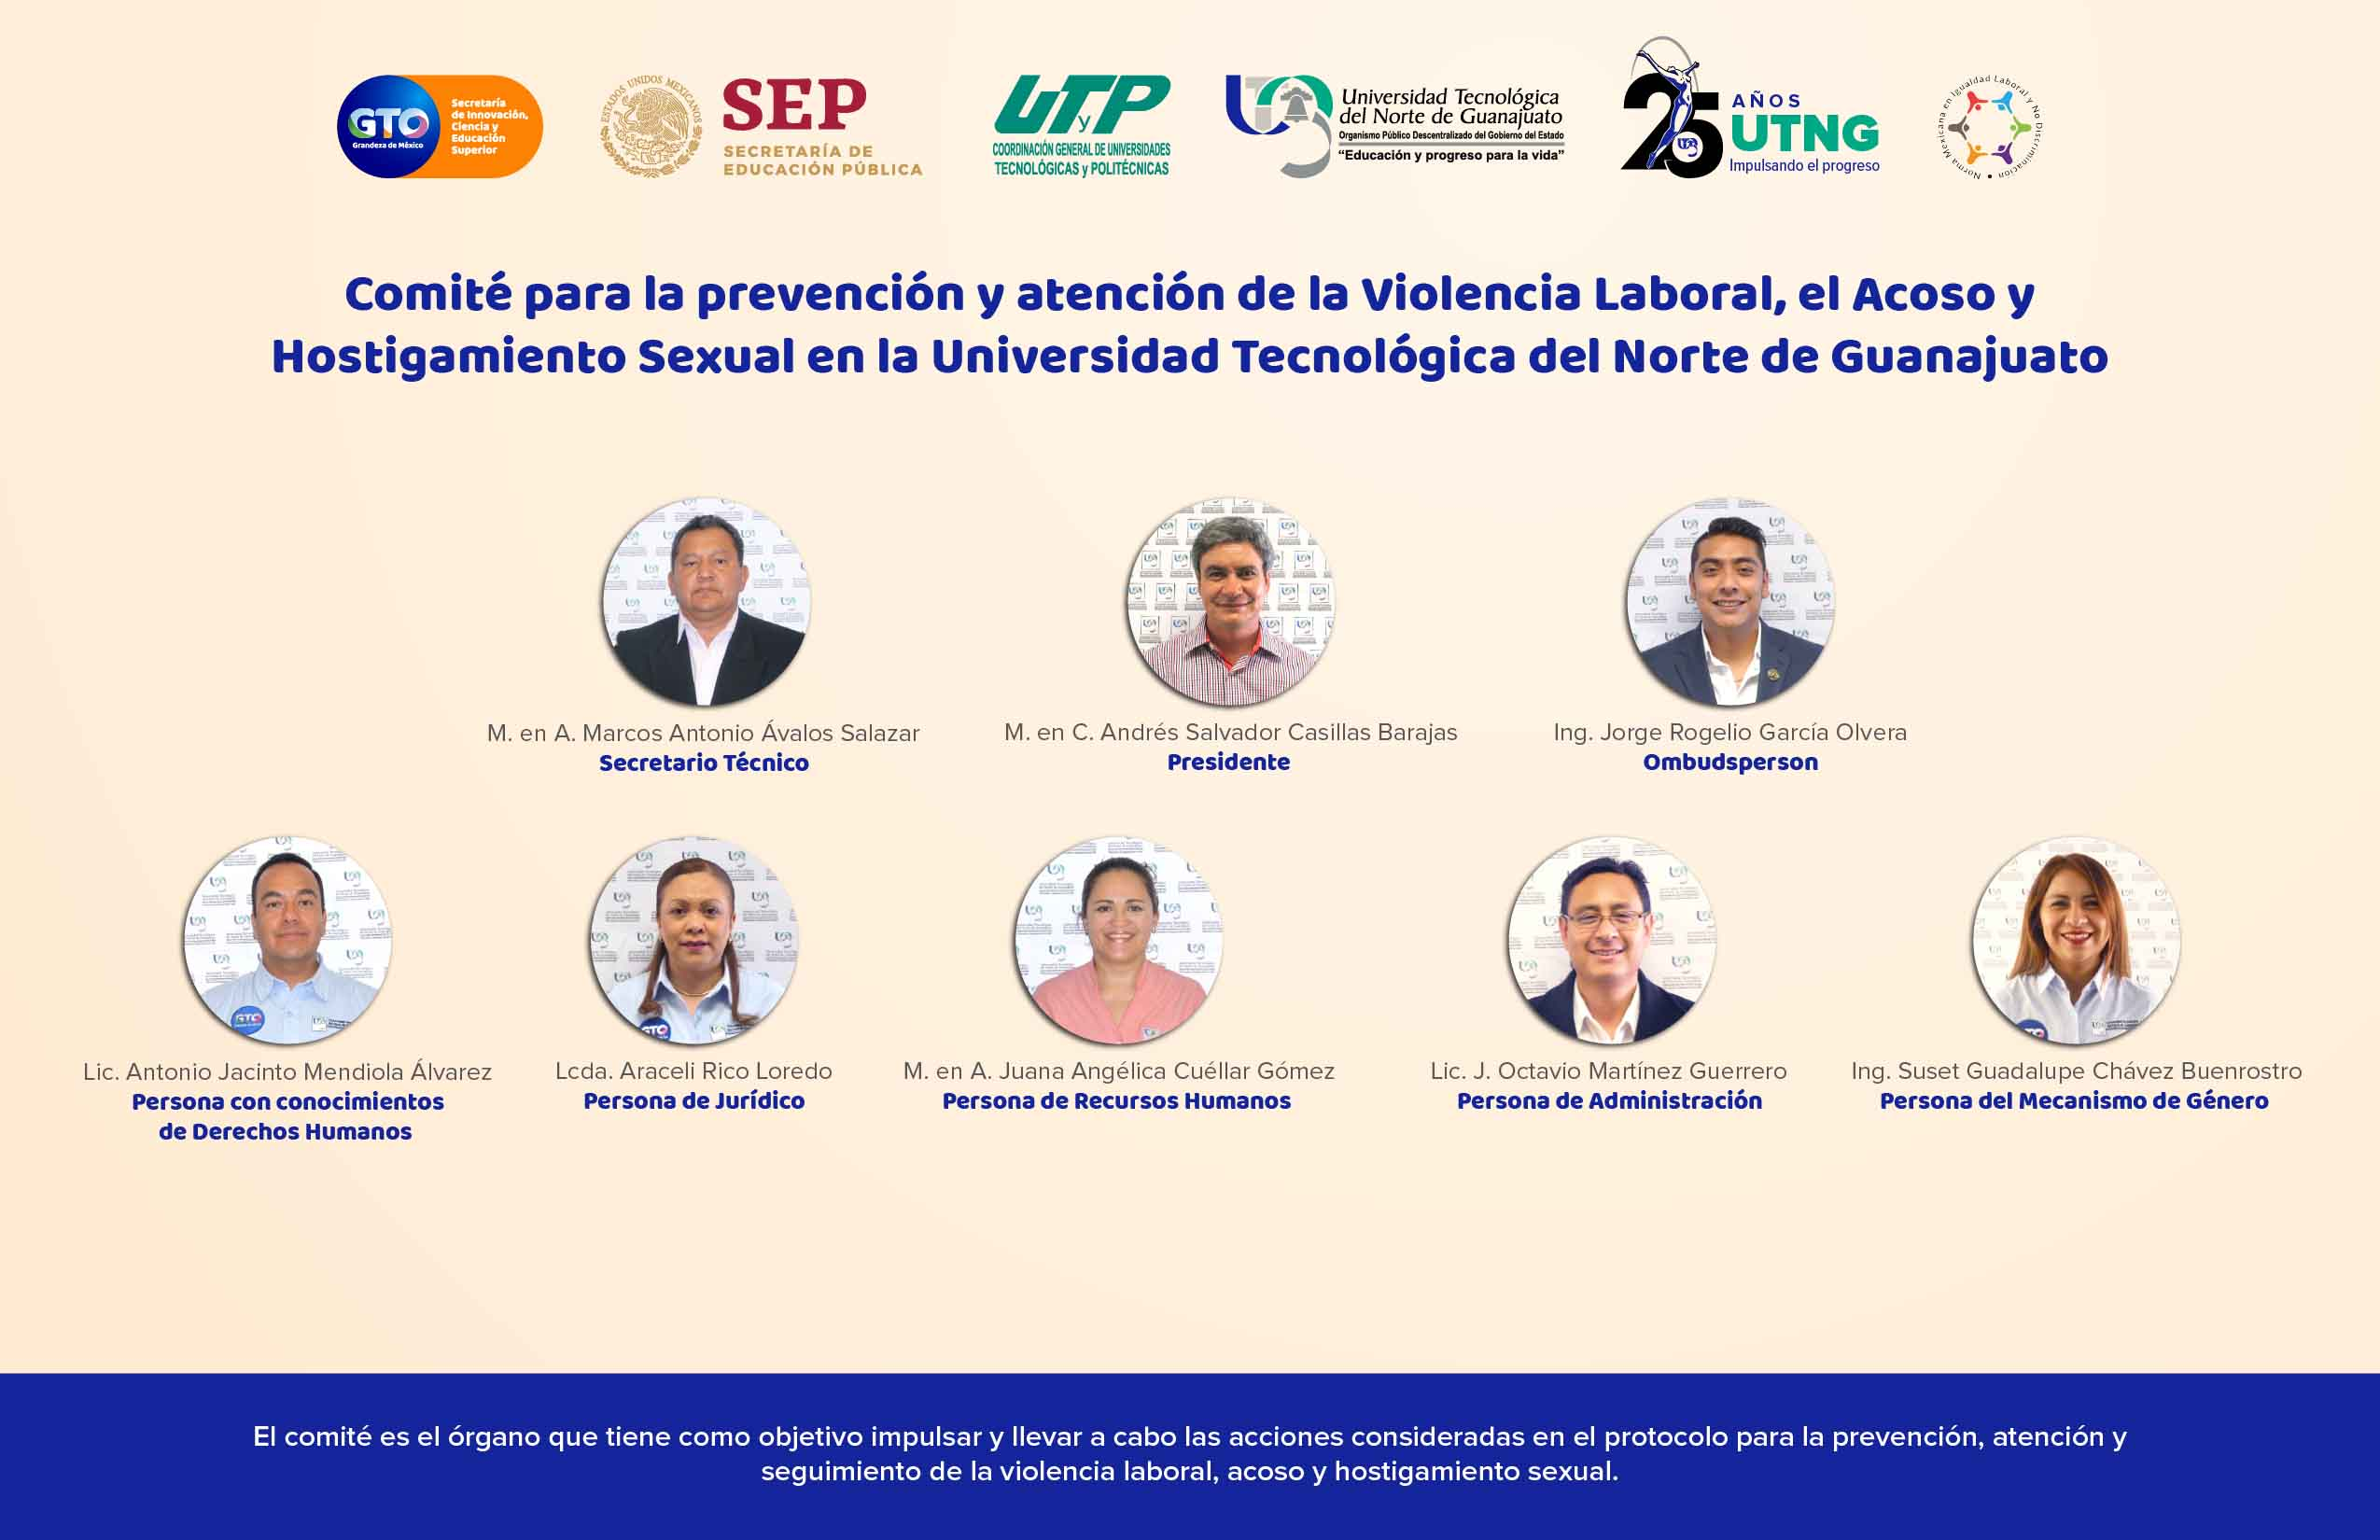 Comit� para prevenir y atender la violencia laboral